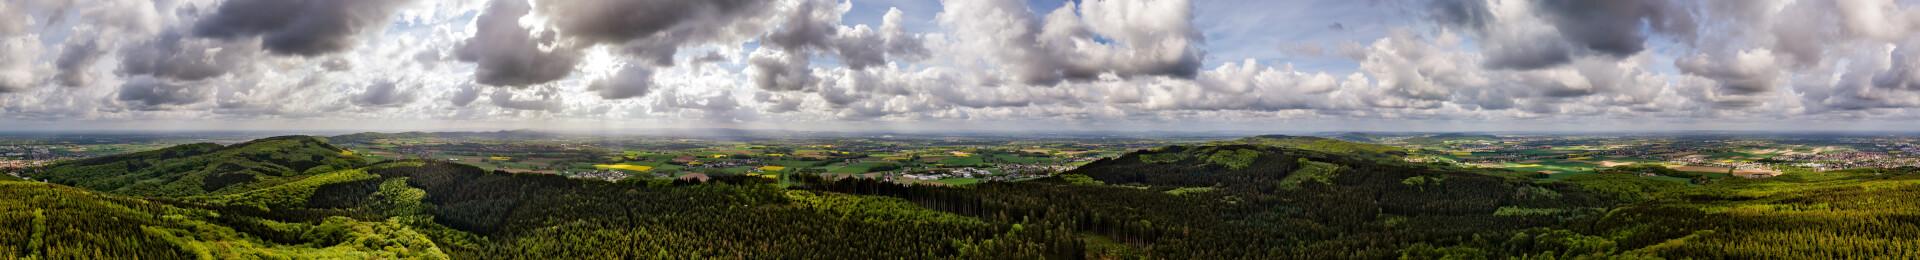 Wartturm Panorama